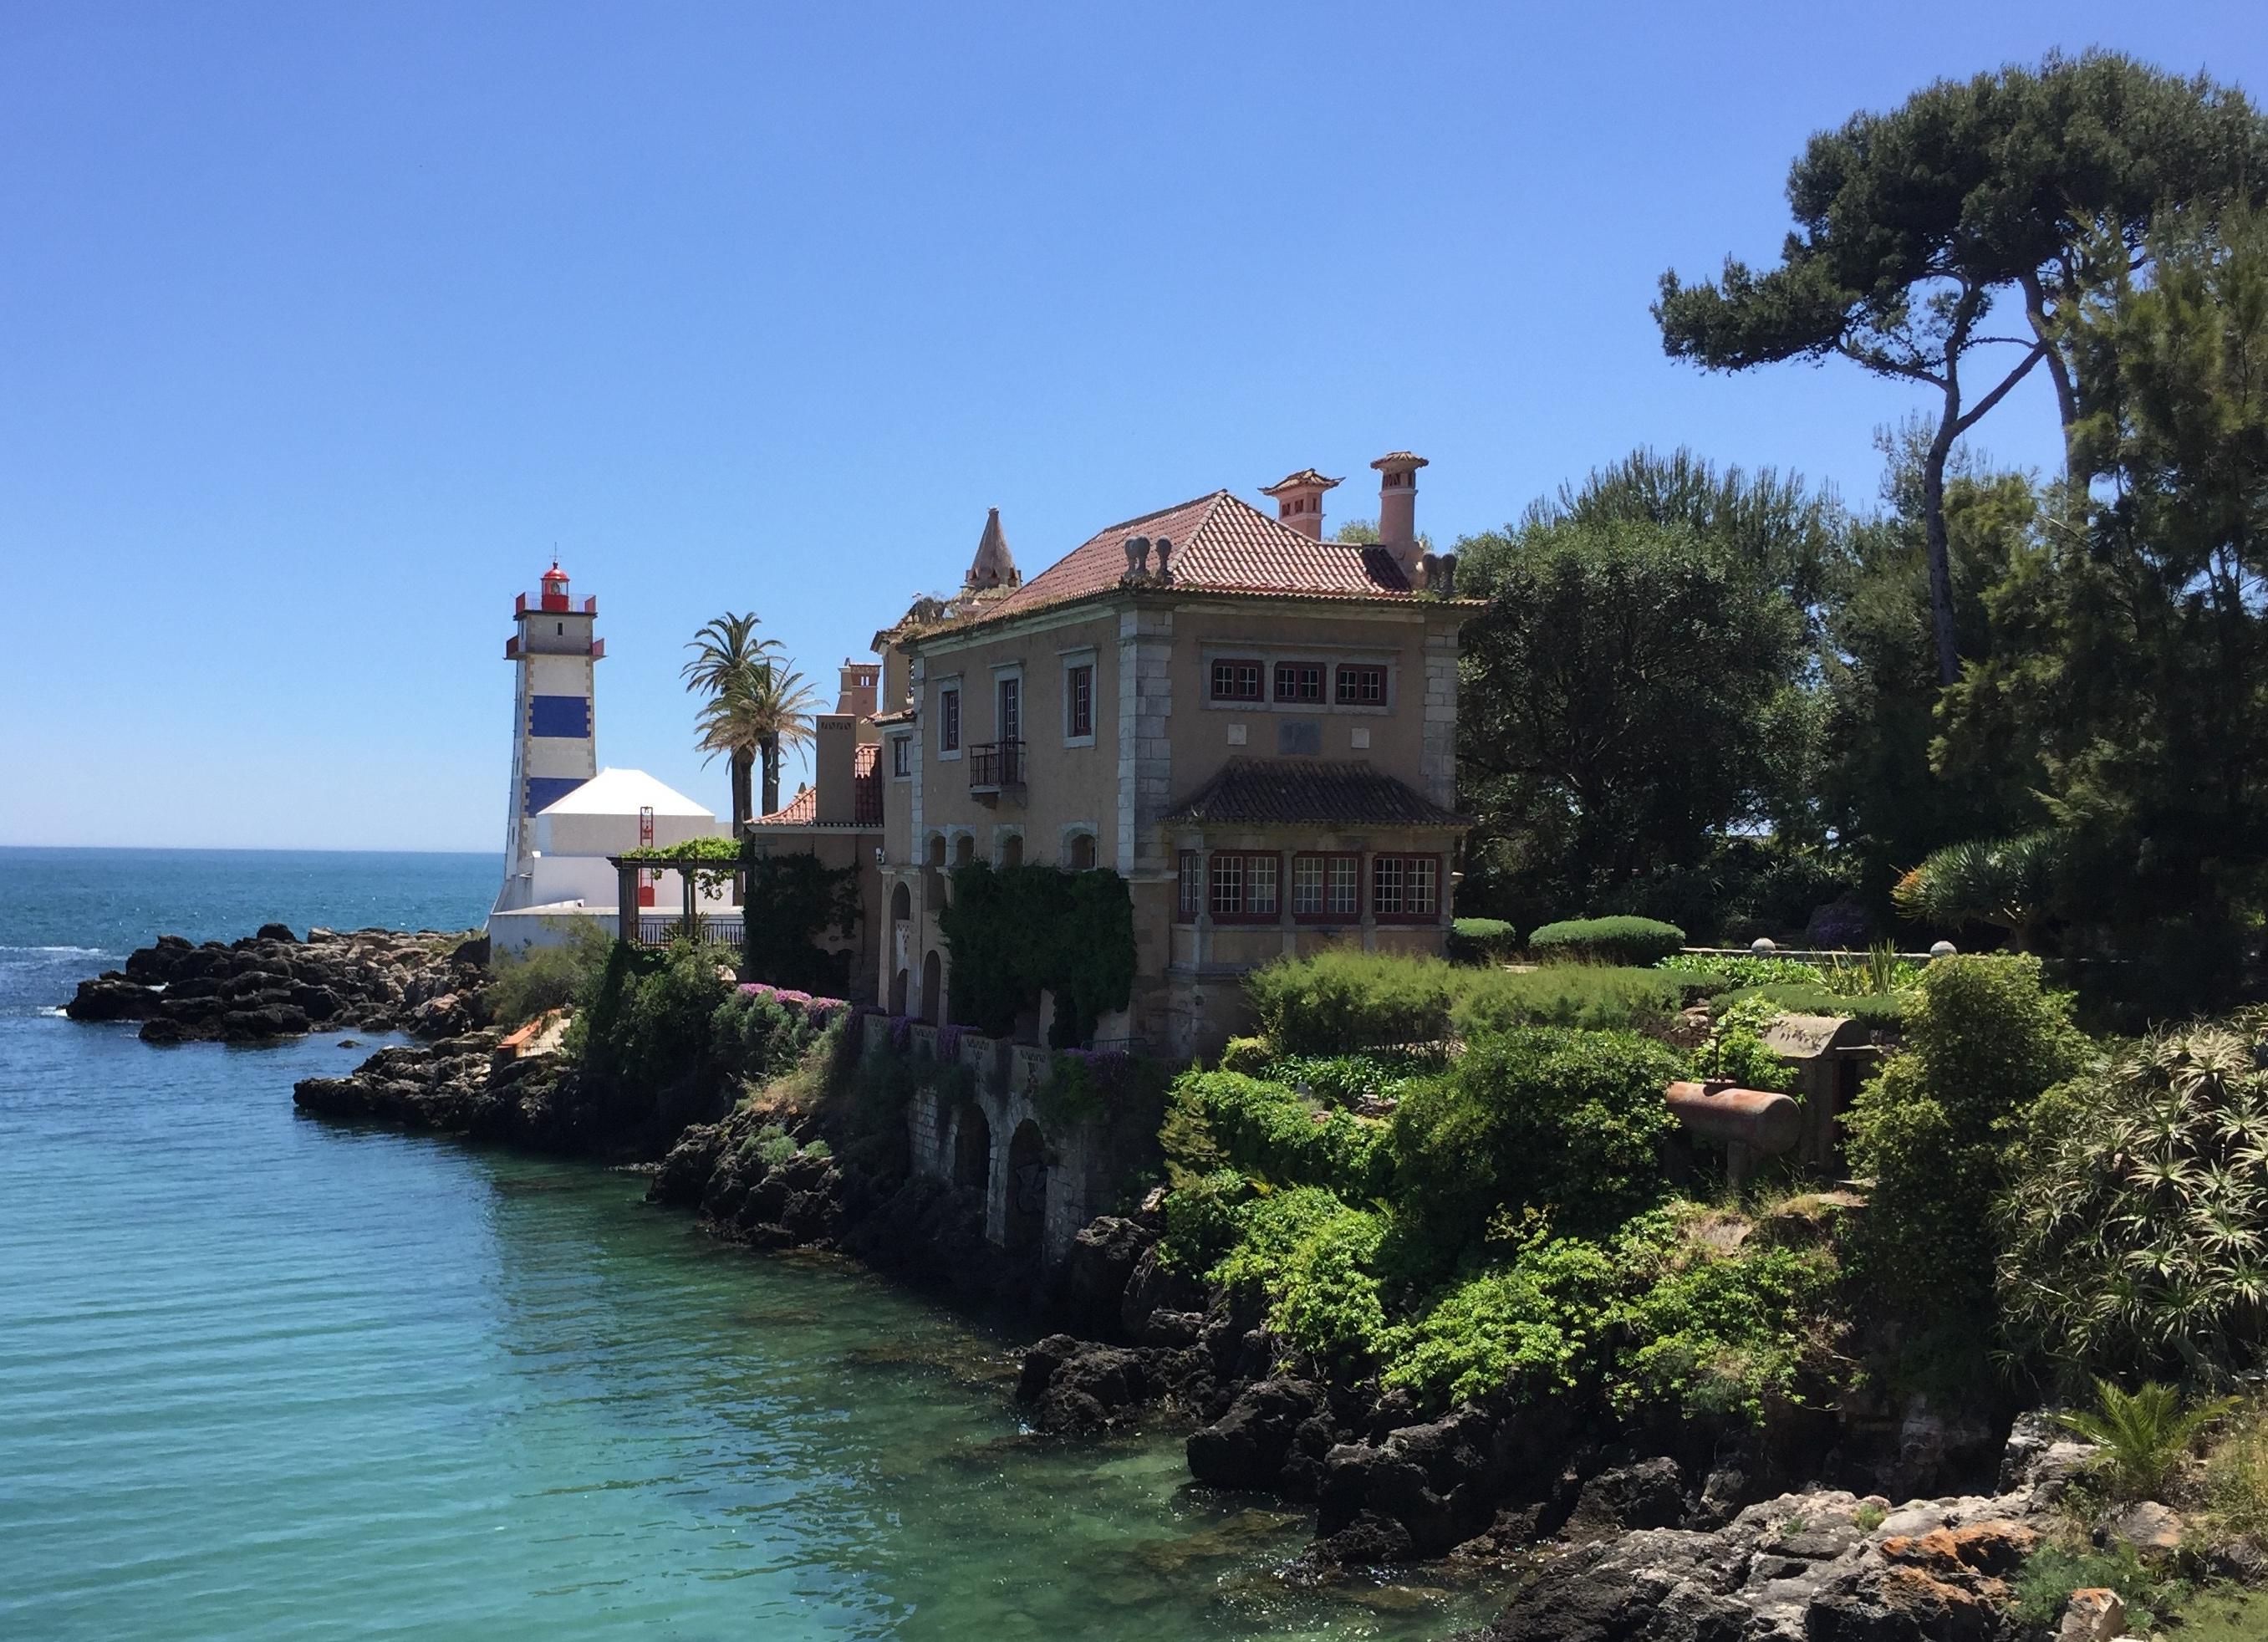 The Lighthouse at Cascais